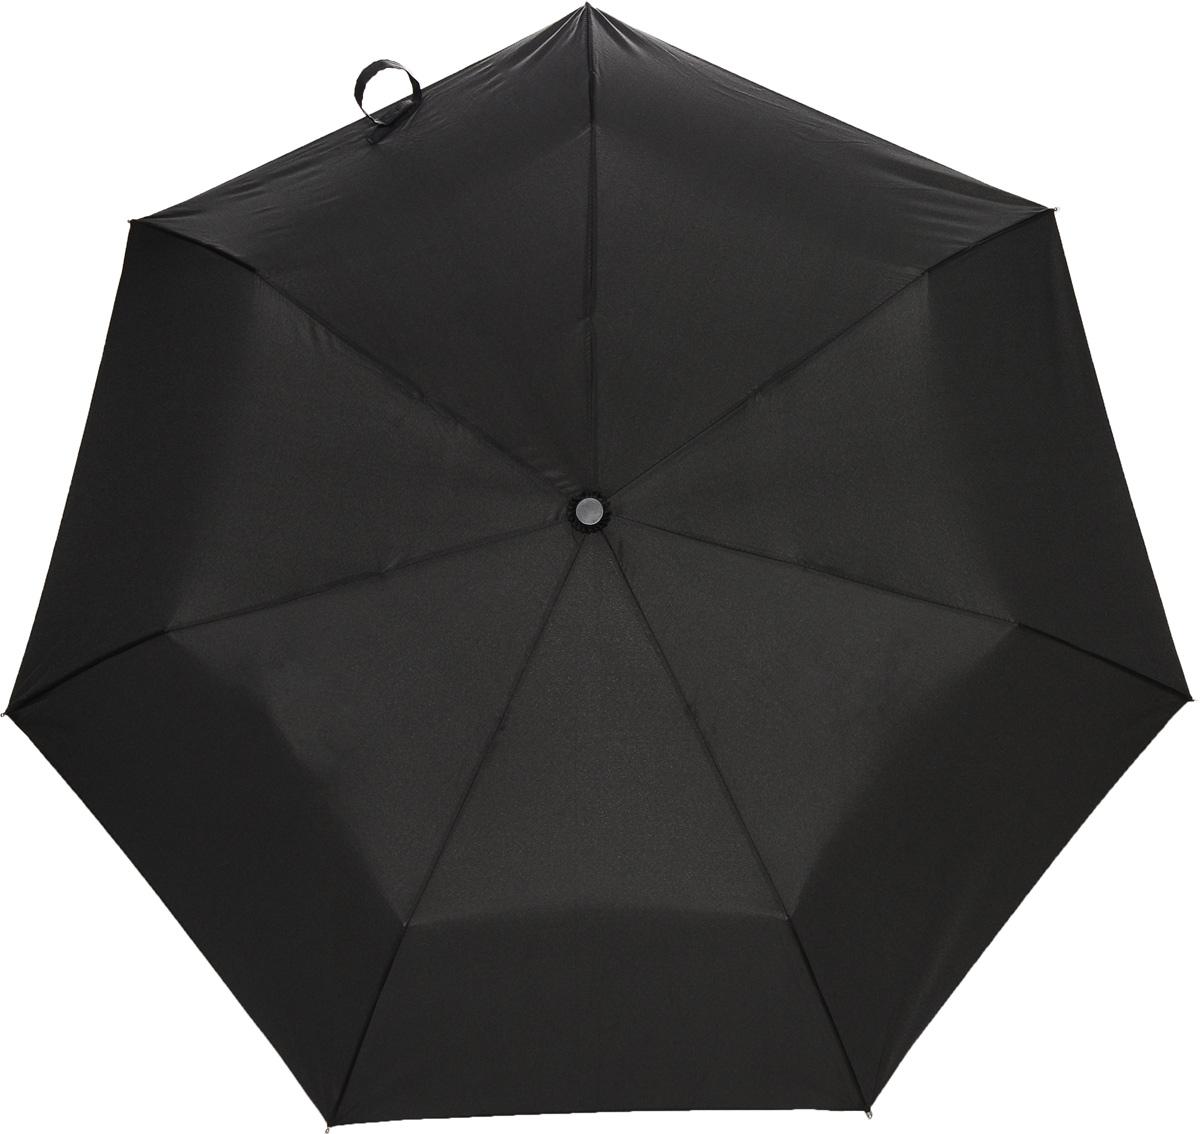 C-Collection 226 Зонт полный автом. 3 сл. муж. зонты